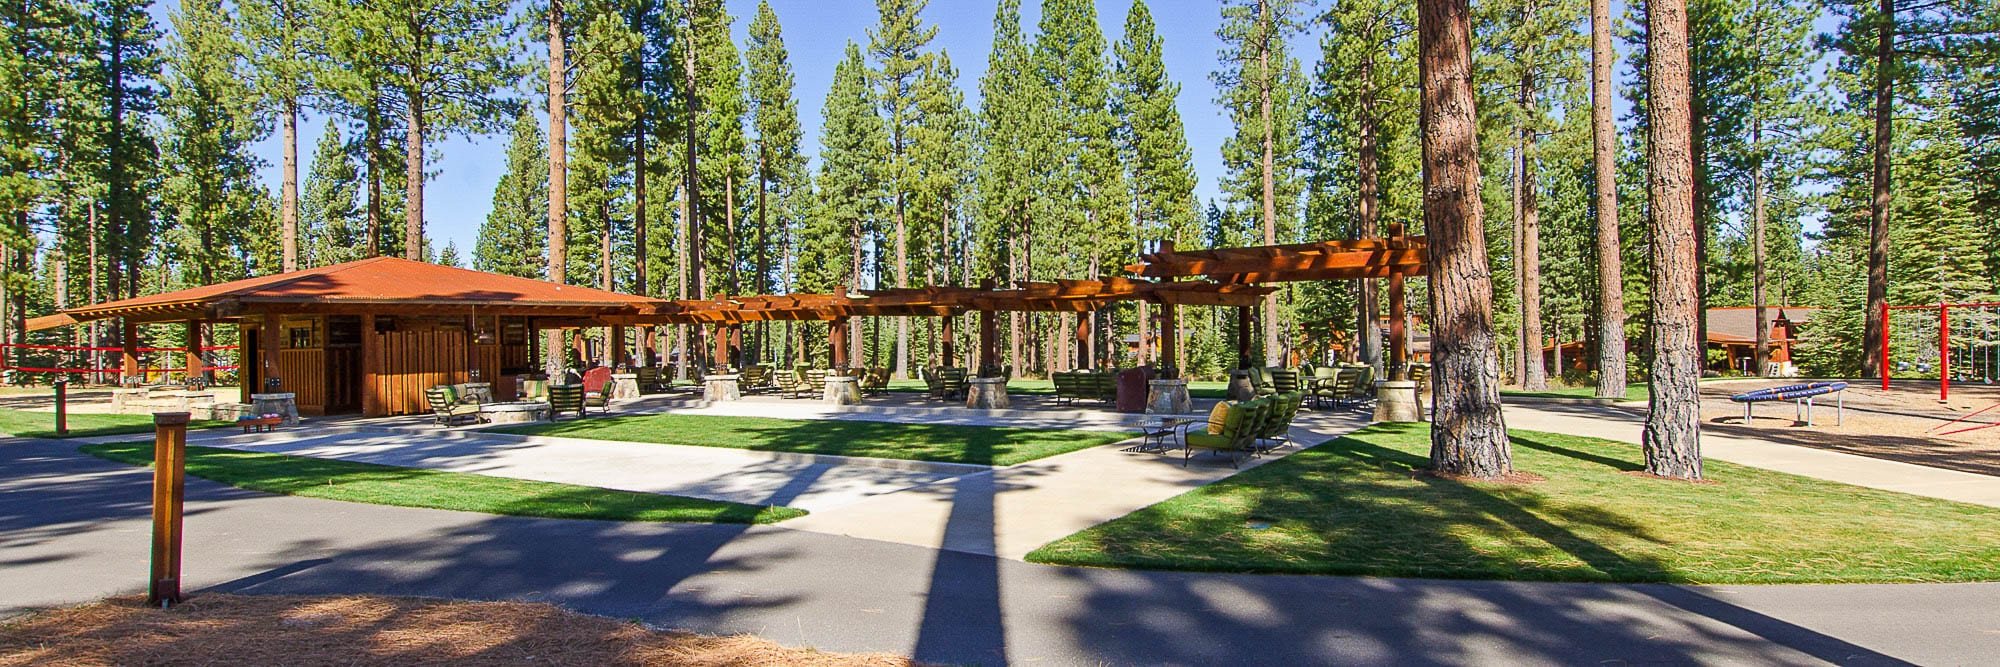 Martis Camp Pavilion 02